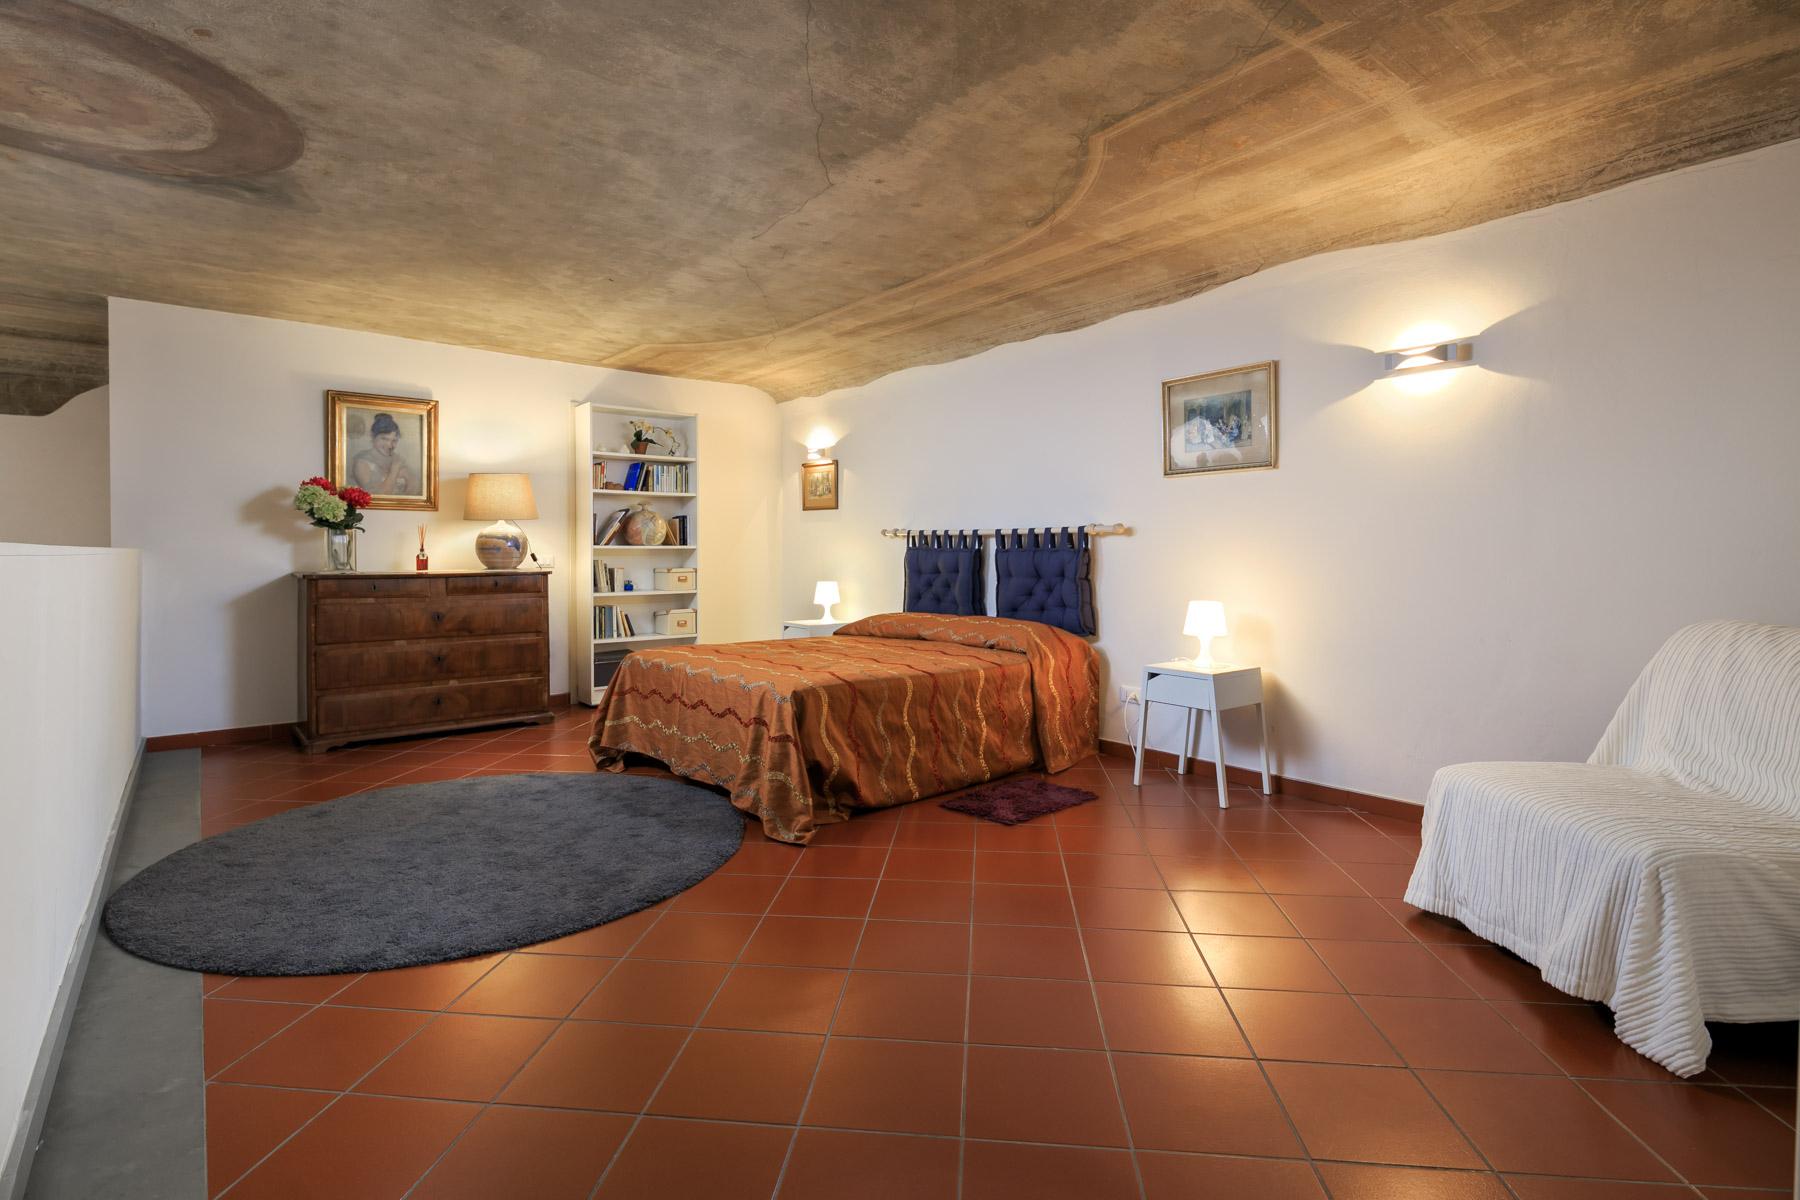 Appartamento in Vendita a Firenze: 4 locali, 149 mq - Foto 11